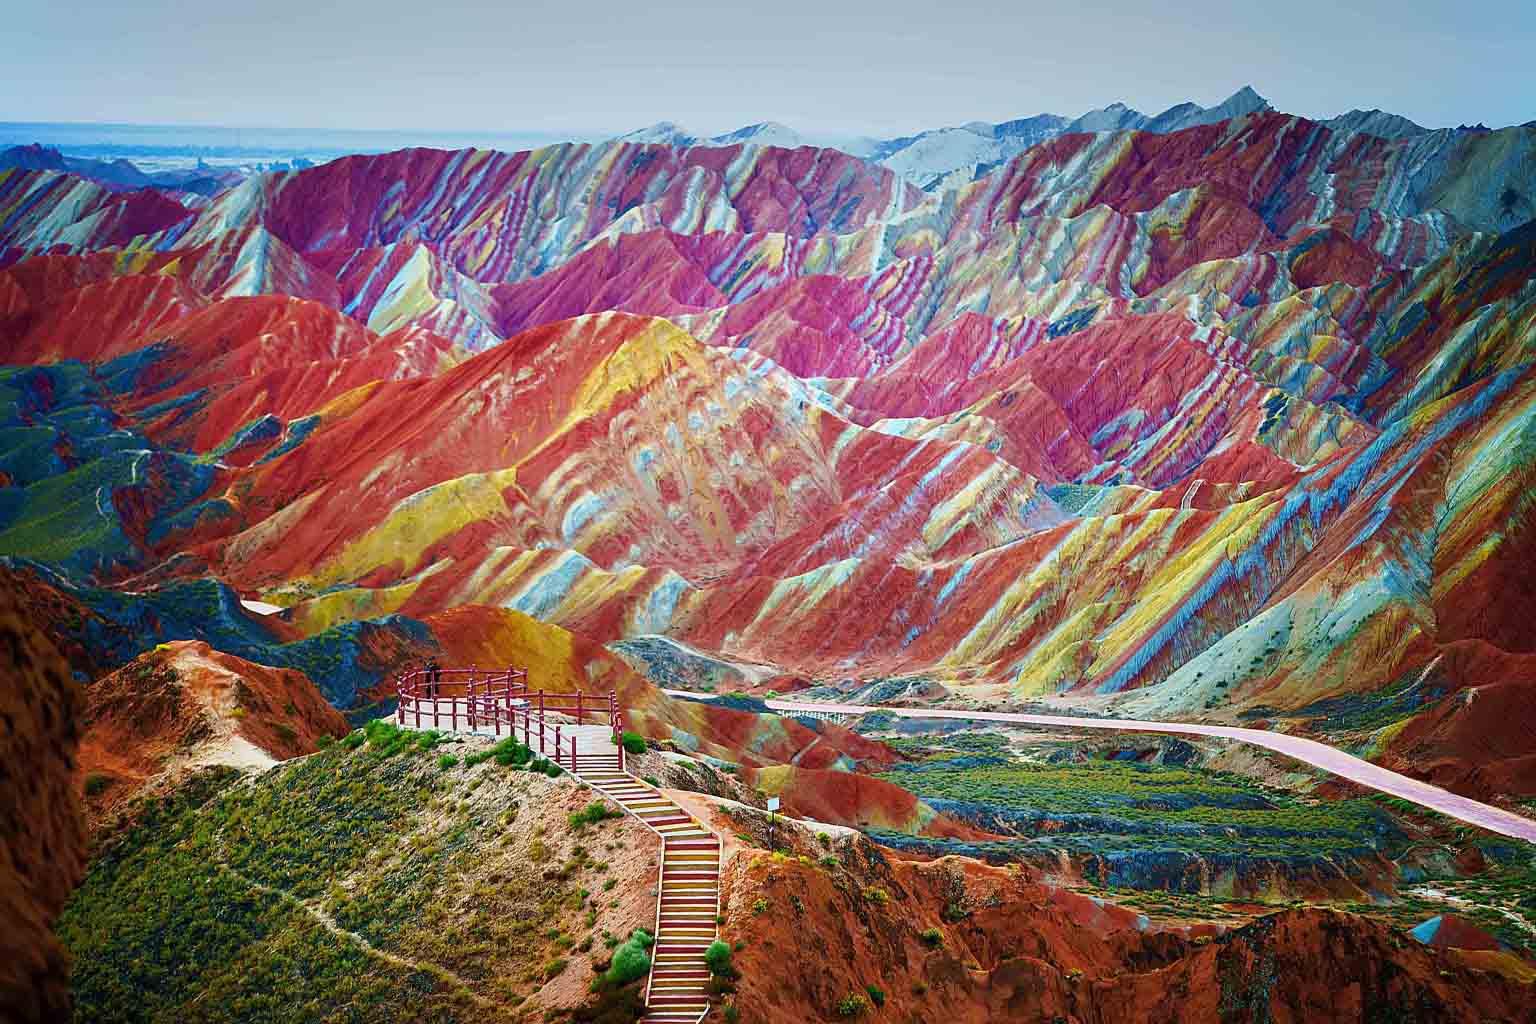 Радужные горы Чжанъе Данься в Ганьсу, Китай